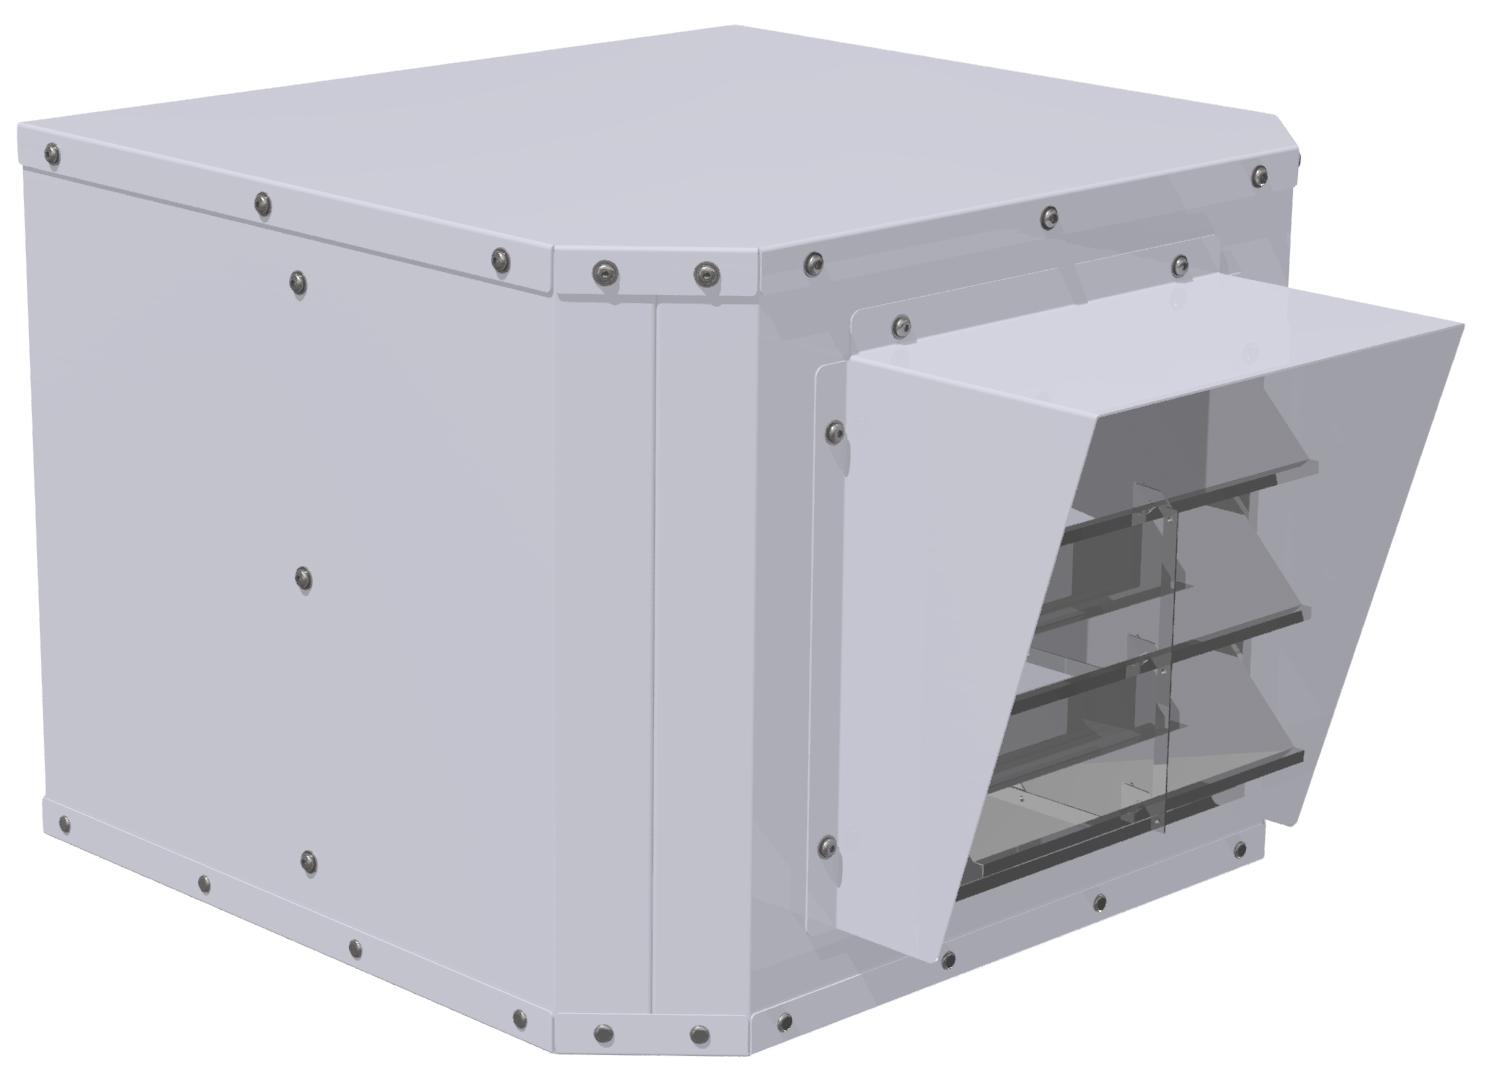 Windows Hepa Filter Fan BKL-WHF-250-110-1-2 - BKL WHF 250 110 1 2 2